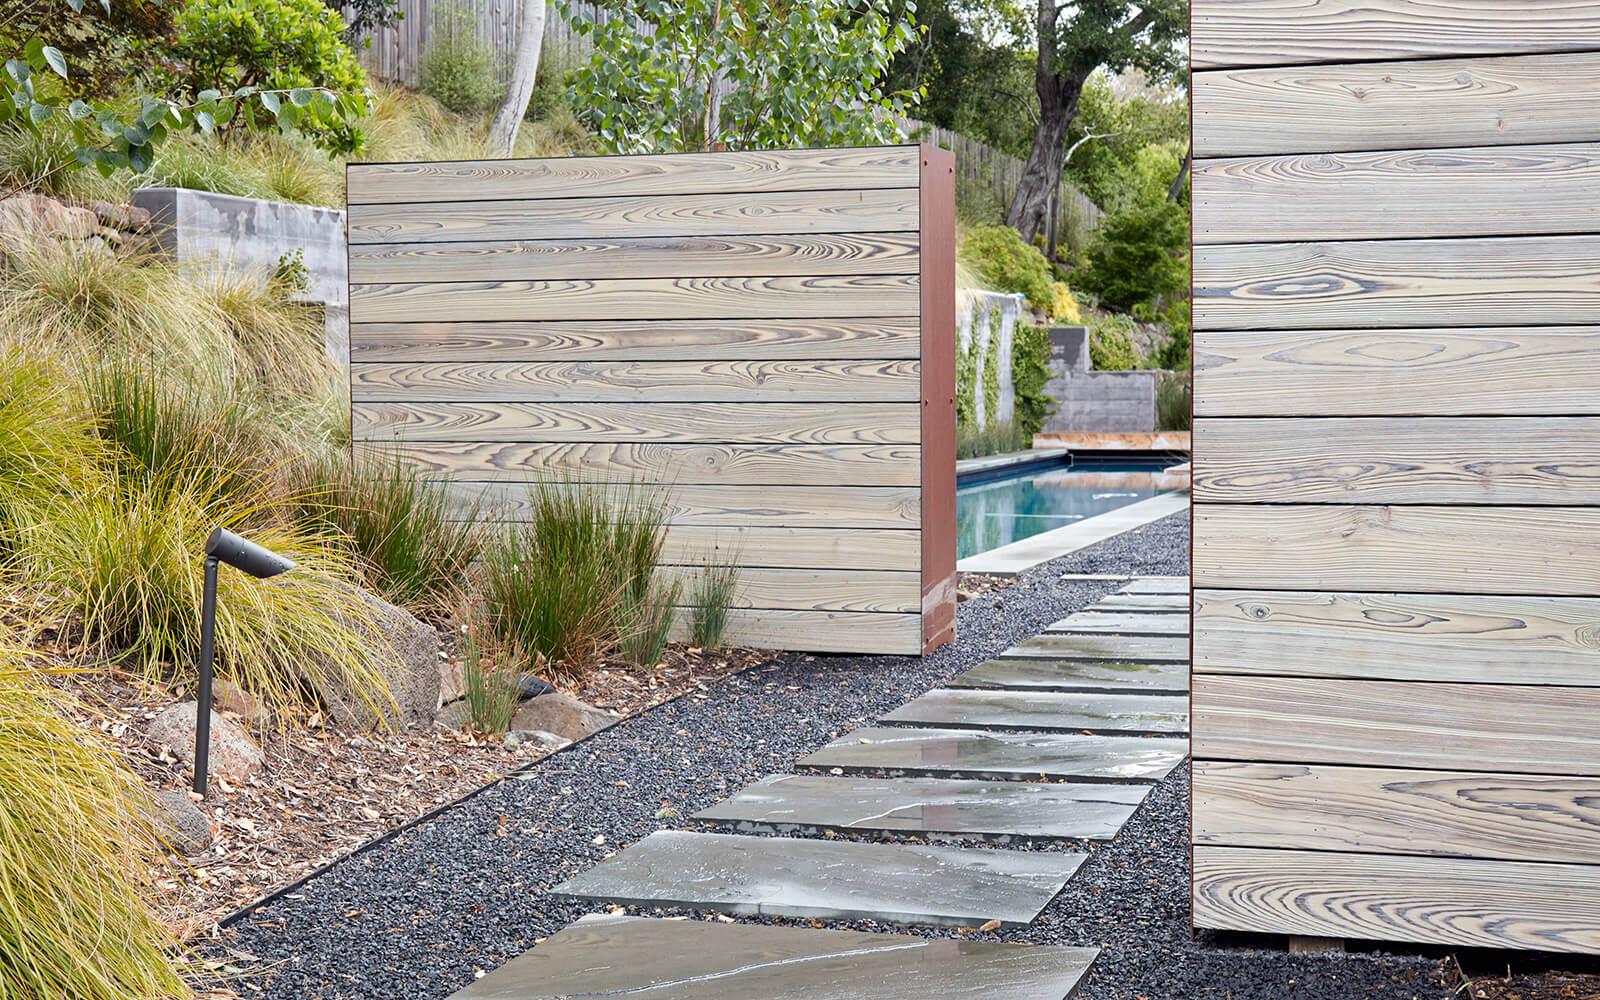 studio vara residential Kentfield landscape pathway